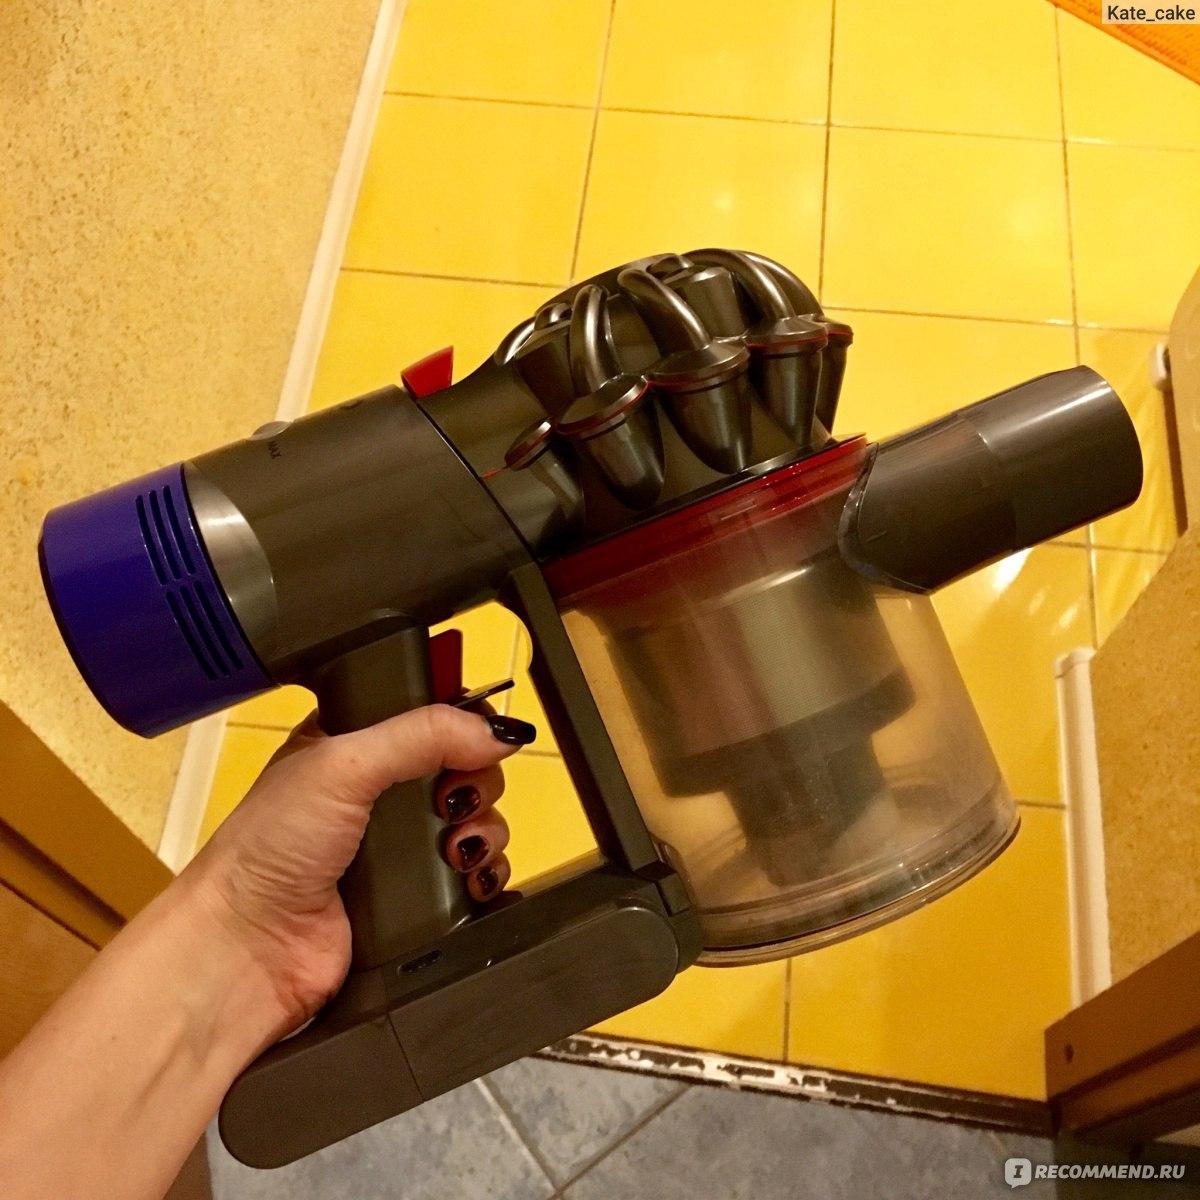 Лучший пылесос дайсон отзывы аккумулятор для пылесоса дайсон v6